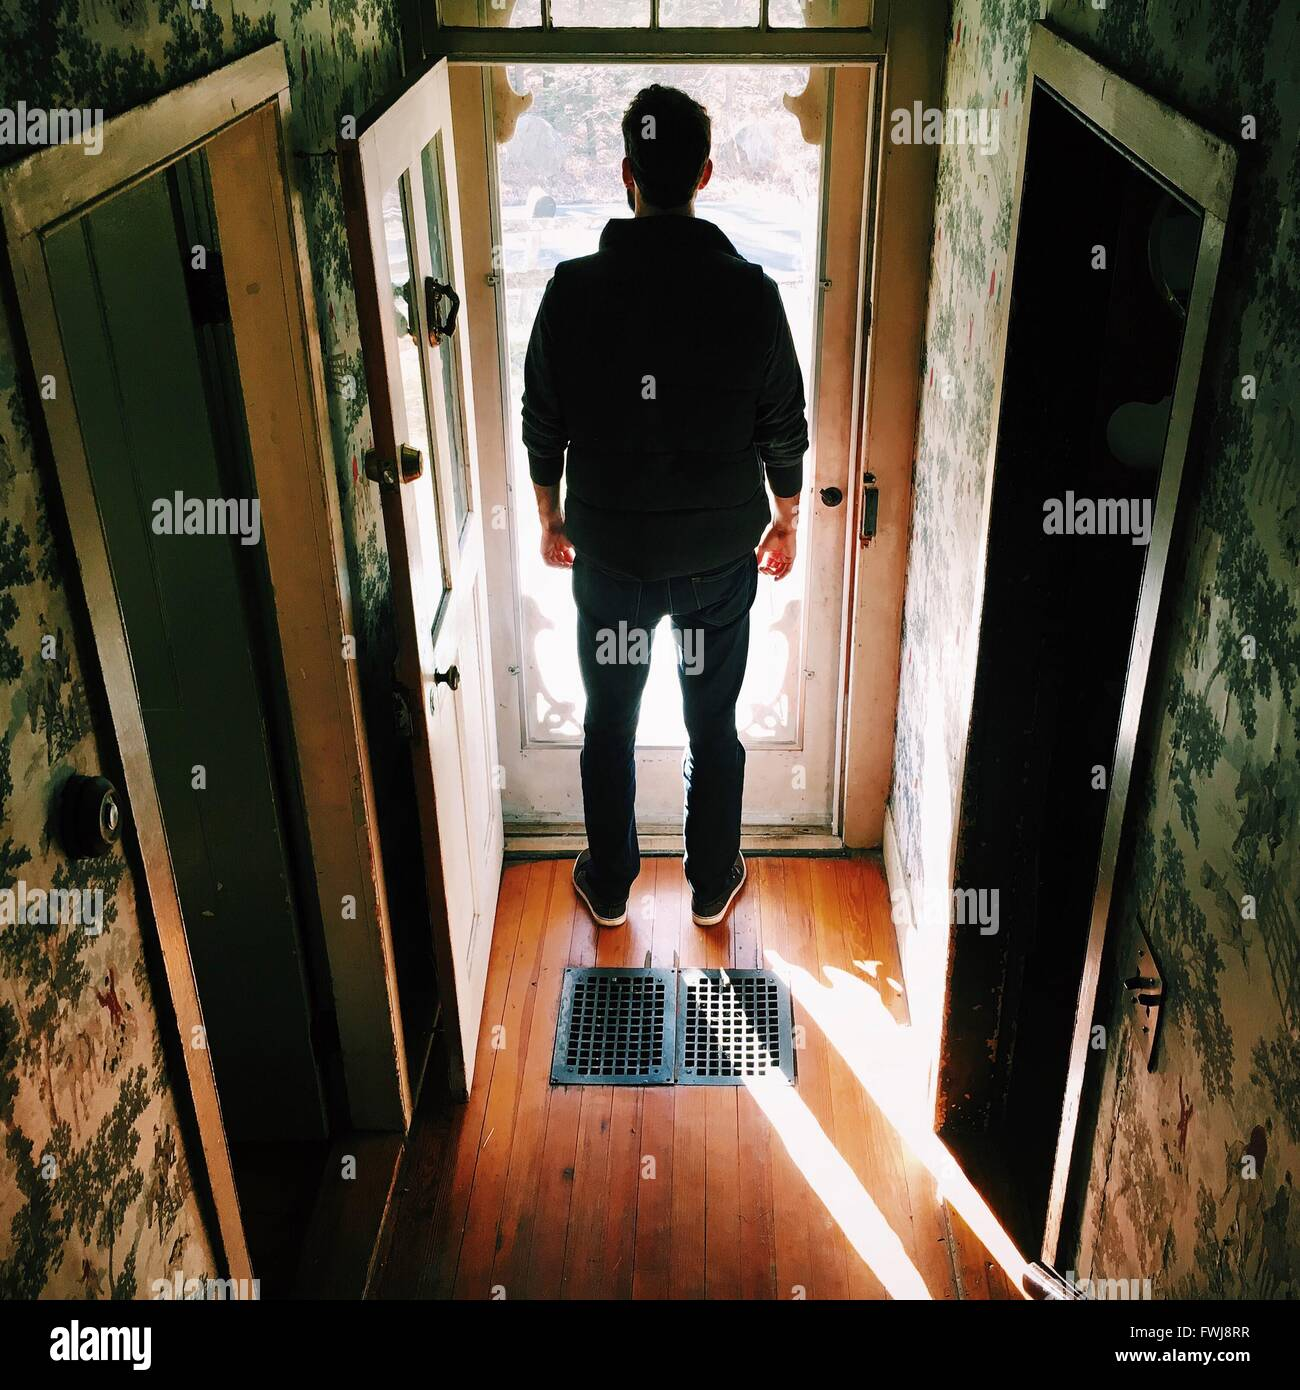 Vista trasera del hombre de pie en el umbral Imagen De Stock